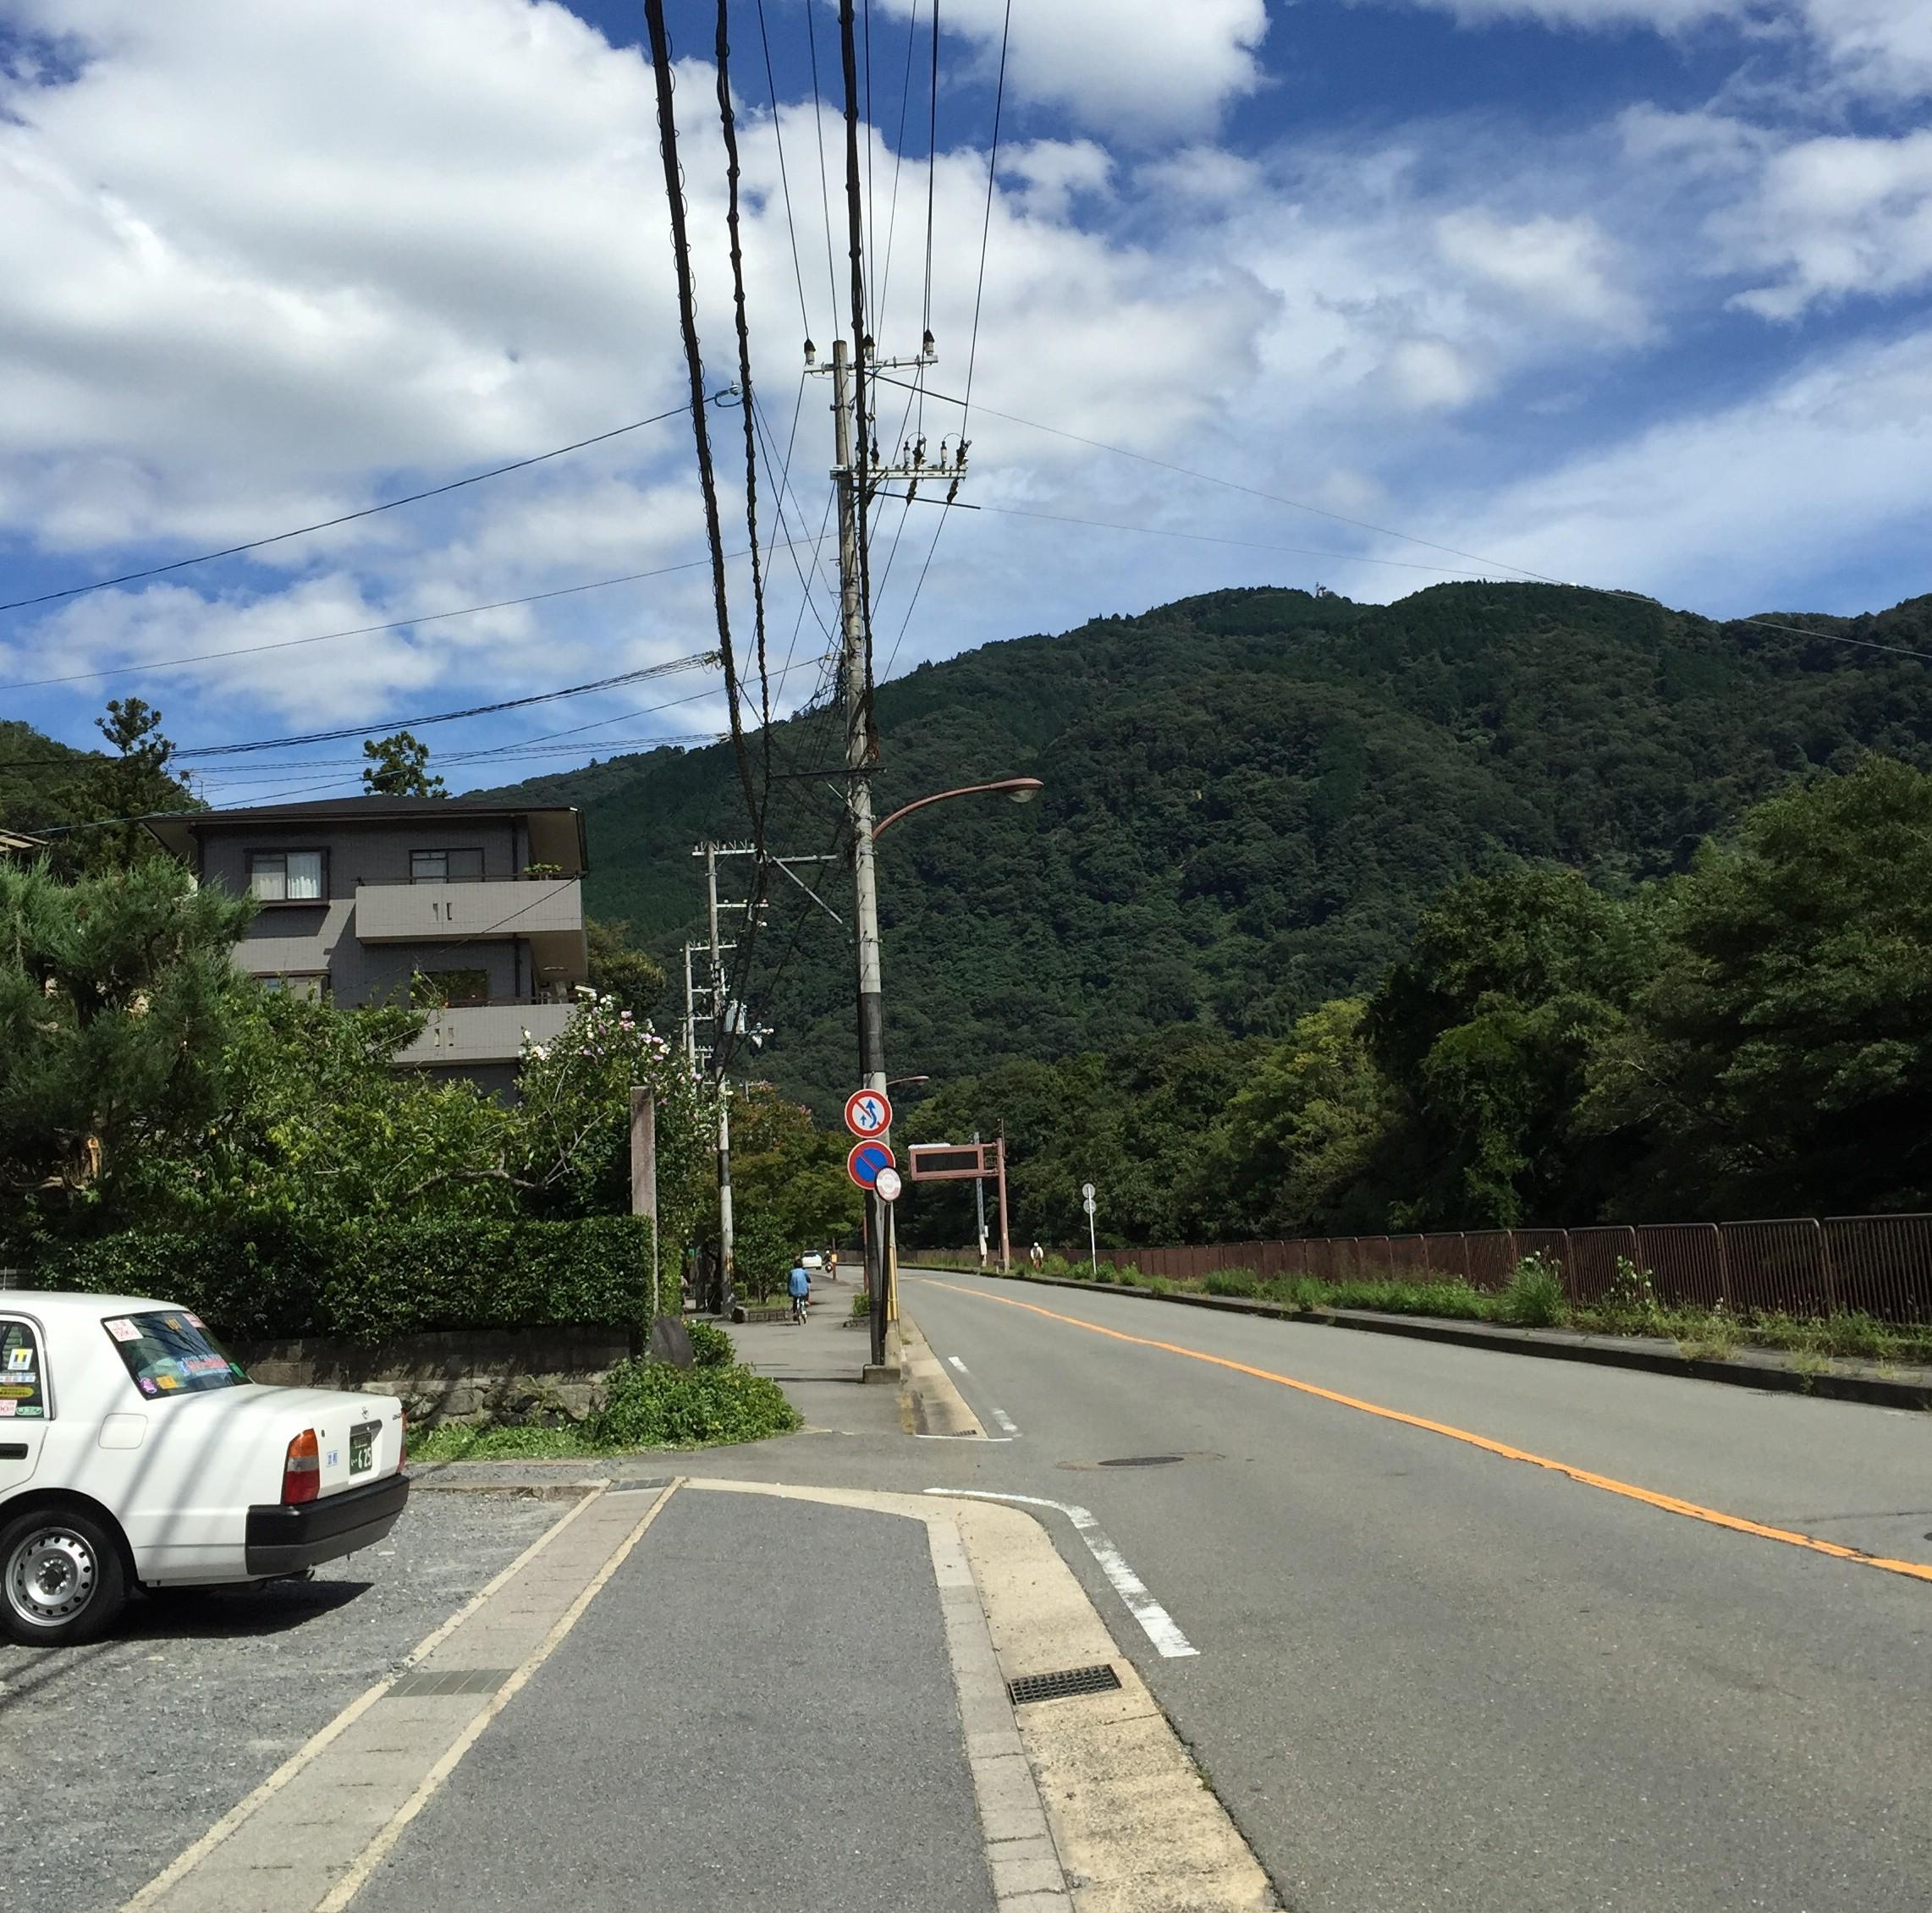 左に駐車場が見えたら左に曲がるIMG_0227